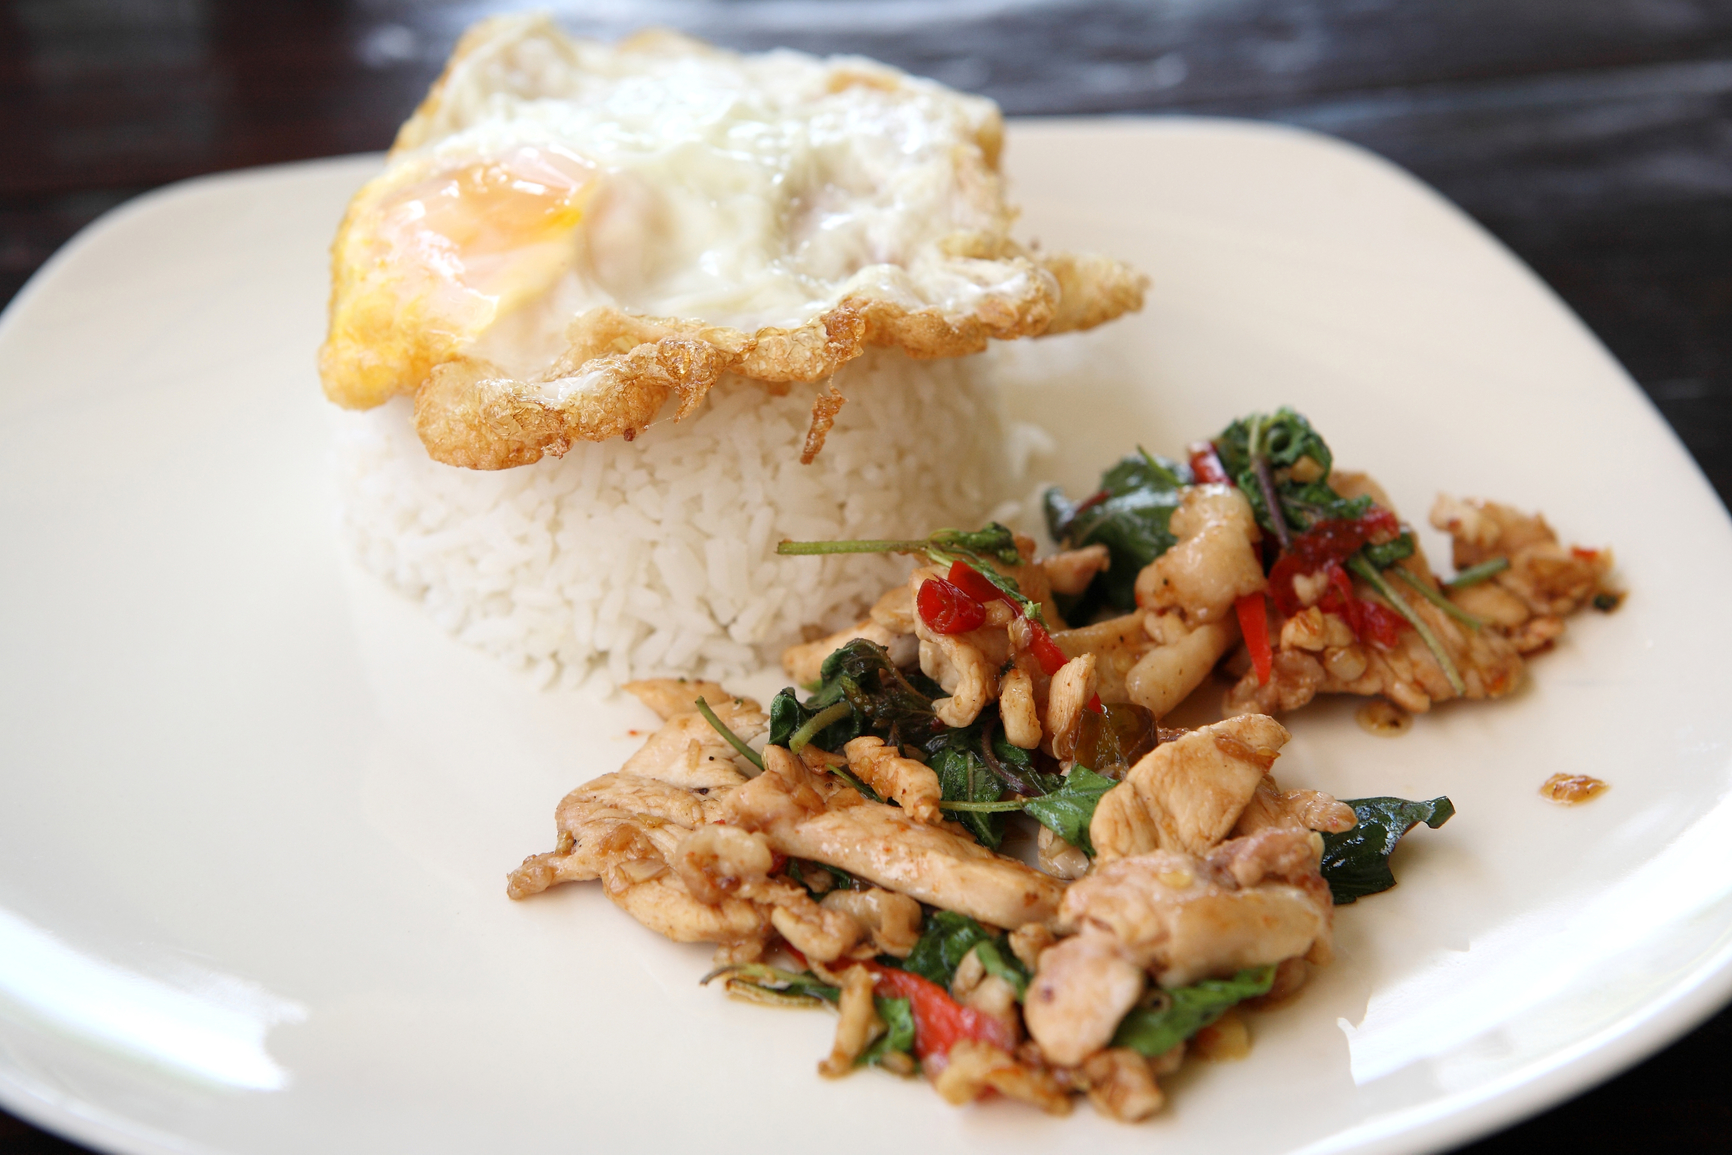 Pollo salteado, arroz y huevo frito